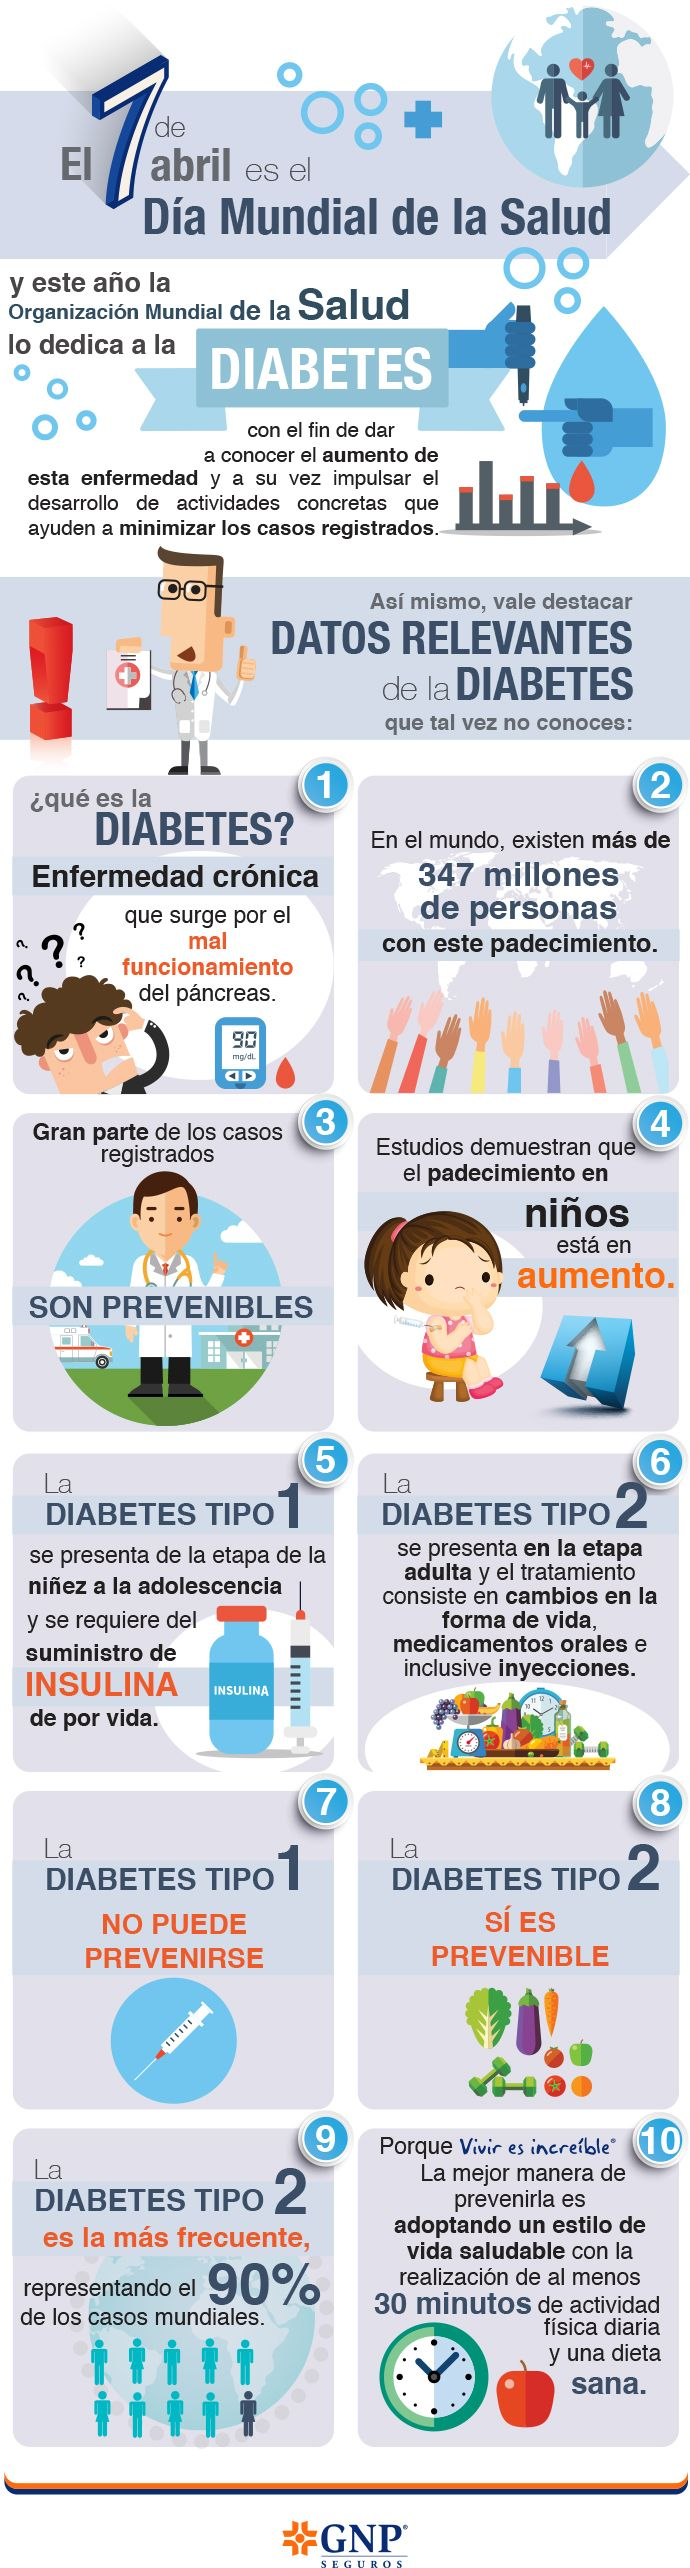 #GNP #seguros #salud #diabetes #loquenosabías #prevención #enfermedad #niños